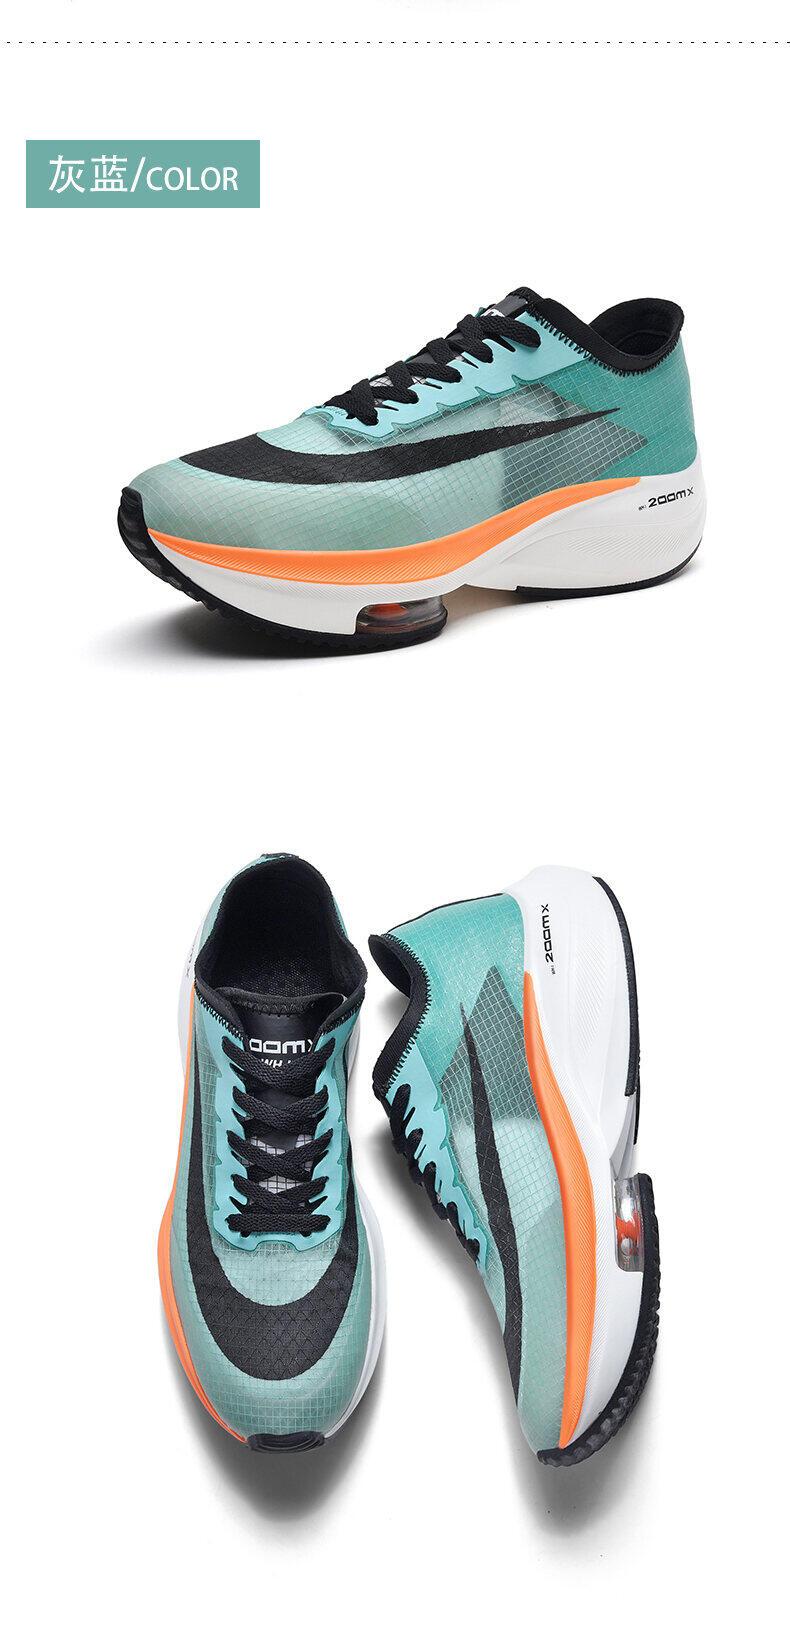 Giày Nam Rách 2 Giày Thể Thao Trang Web Chính Thức Phủ Điền Marathon Giày Chạy Bộ Rách 2 Mặt Lưới Pegasus Giày Chạy Đệm Khí Uyên Ương Nam 43